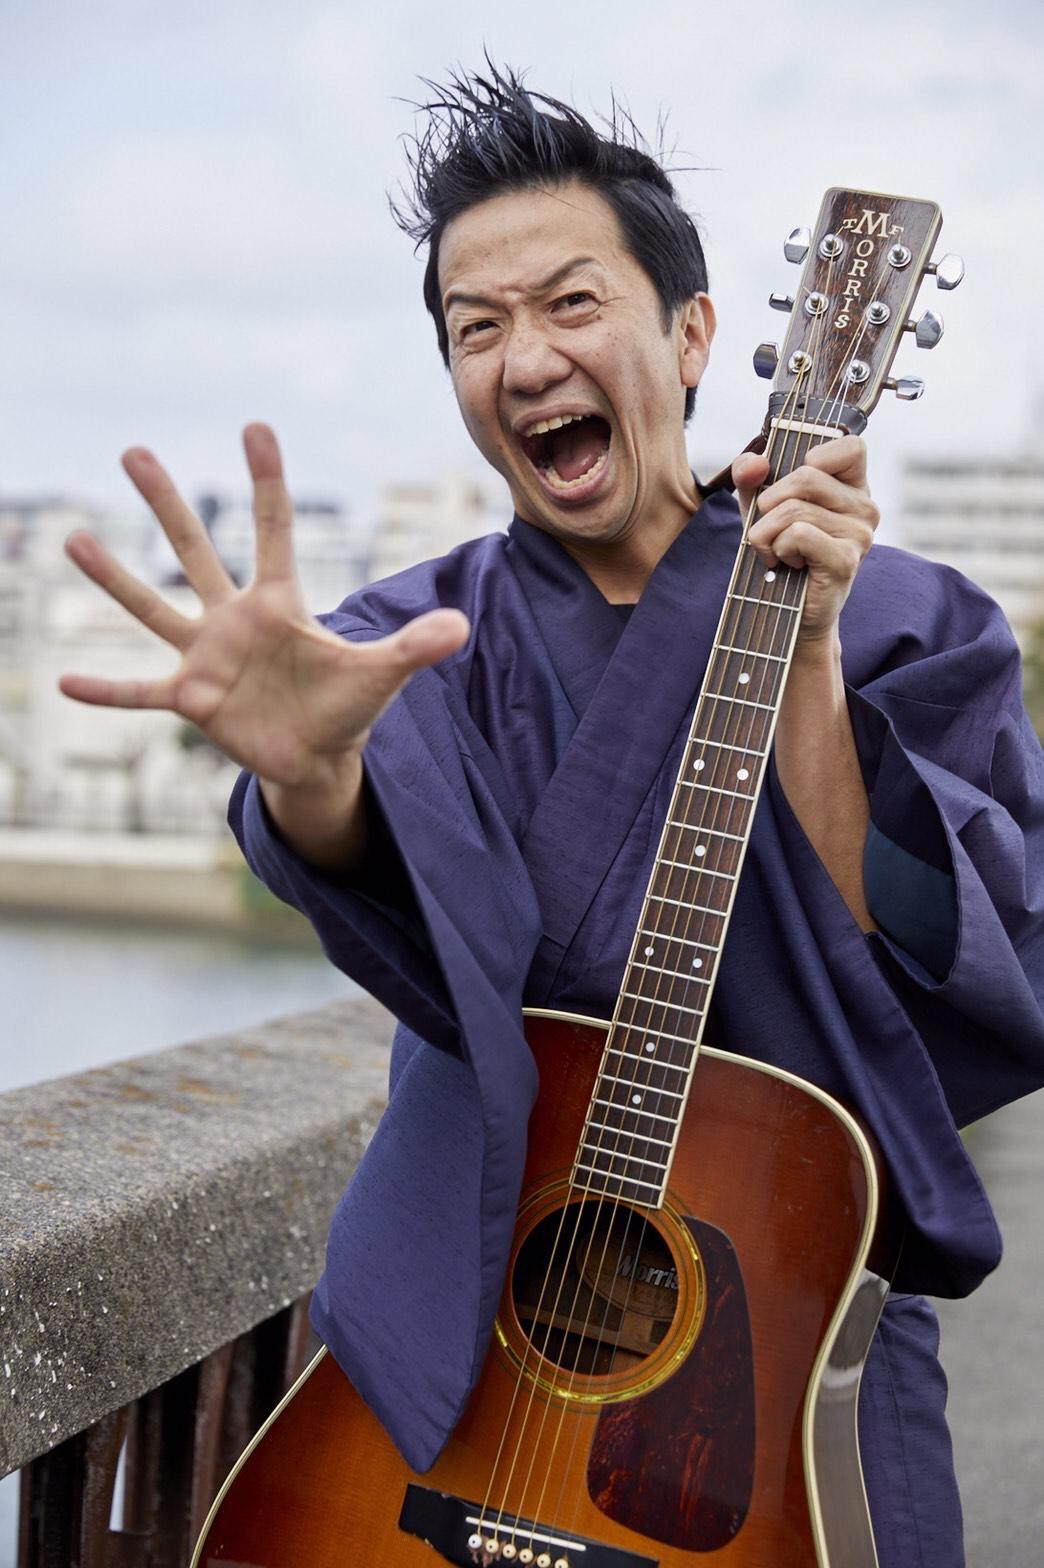 波田陽区さんのギター侍の写真